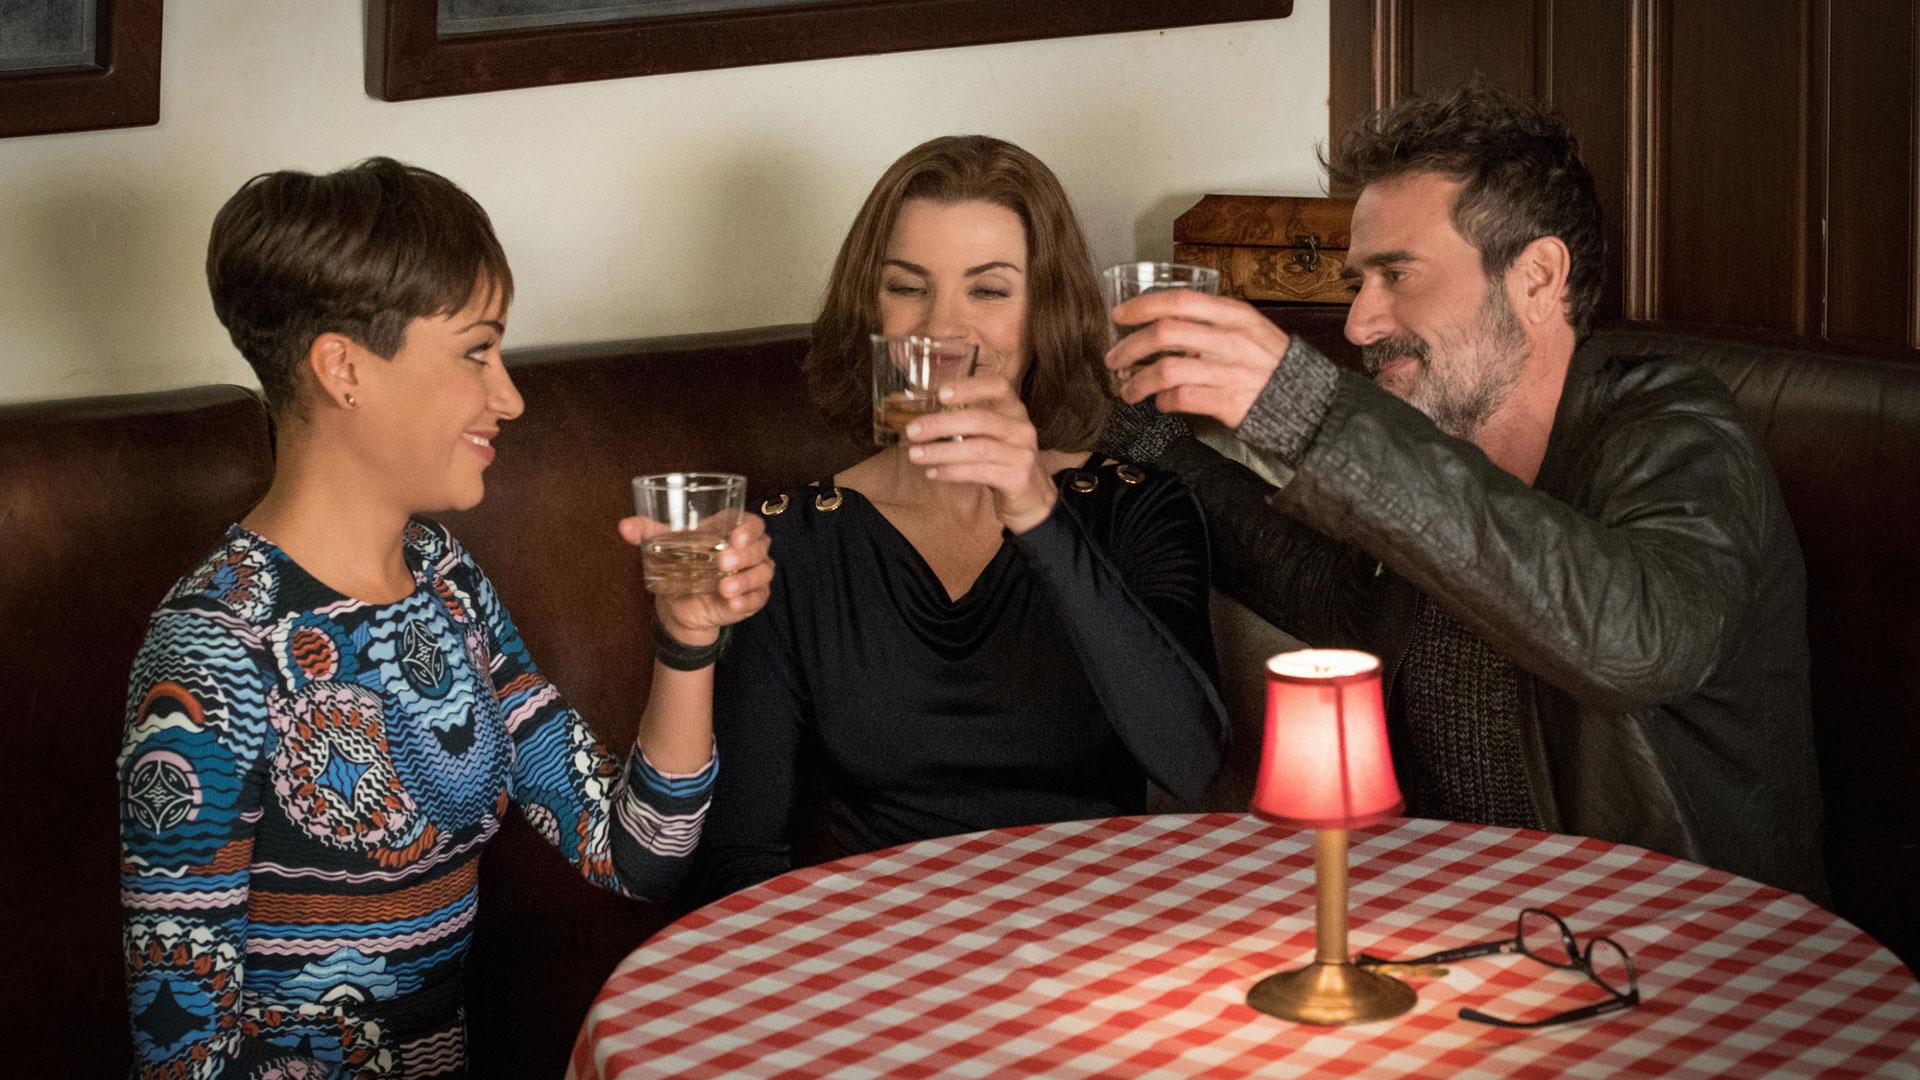 Cush Jumbo as Lucca Quinn, Julianna Margulies as Alicia Florrick, and Jeffrey Dean Morgan as Jason Crouse